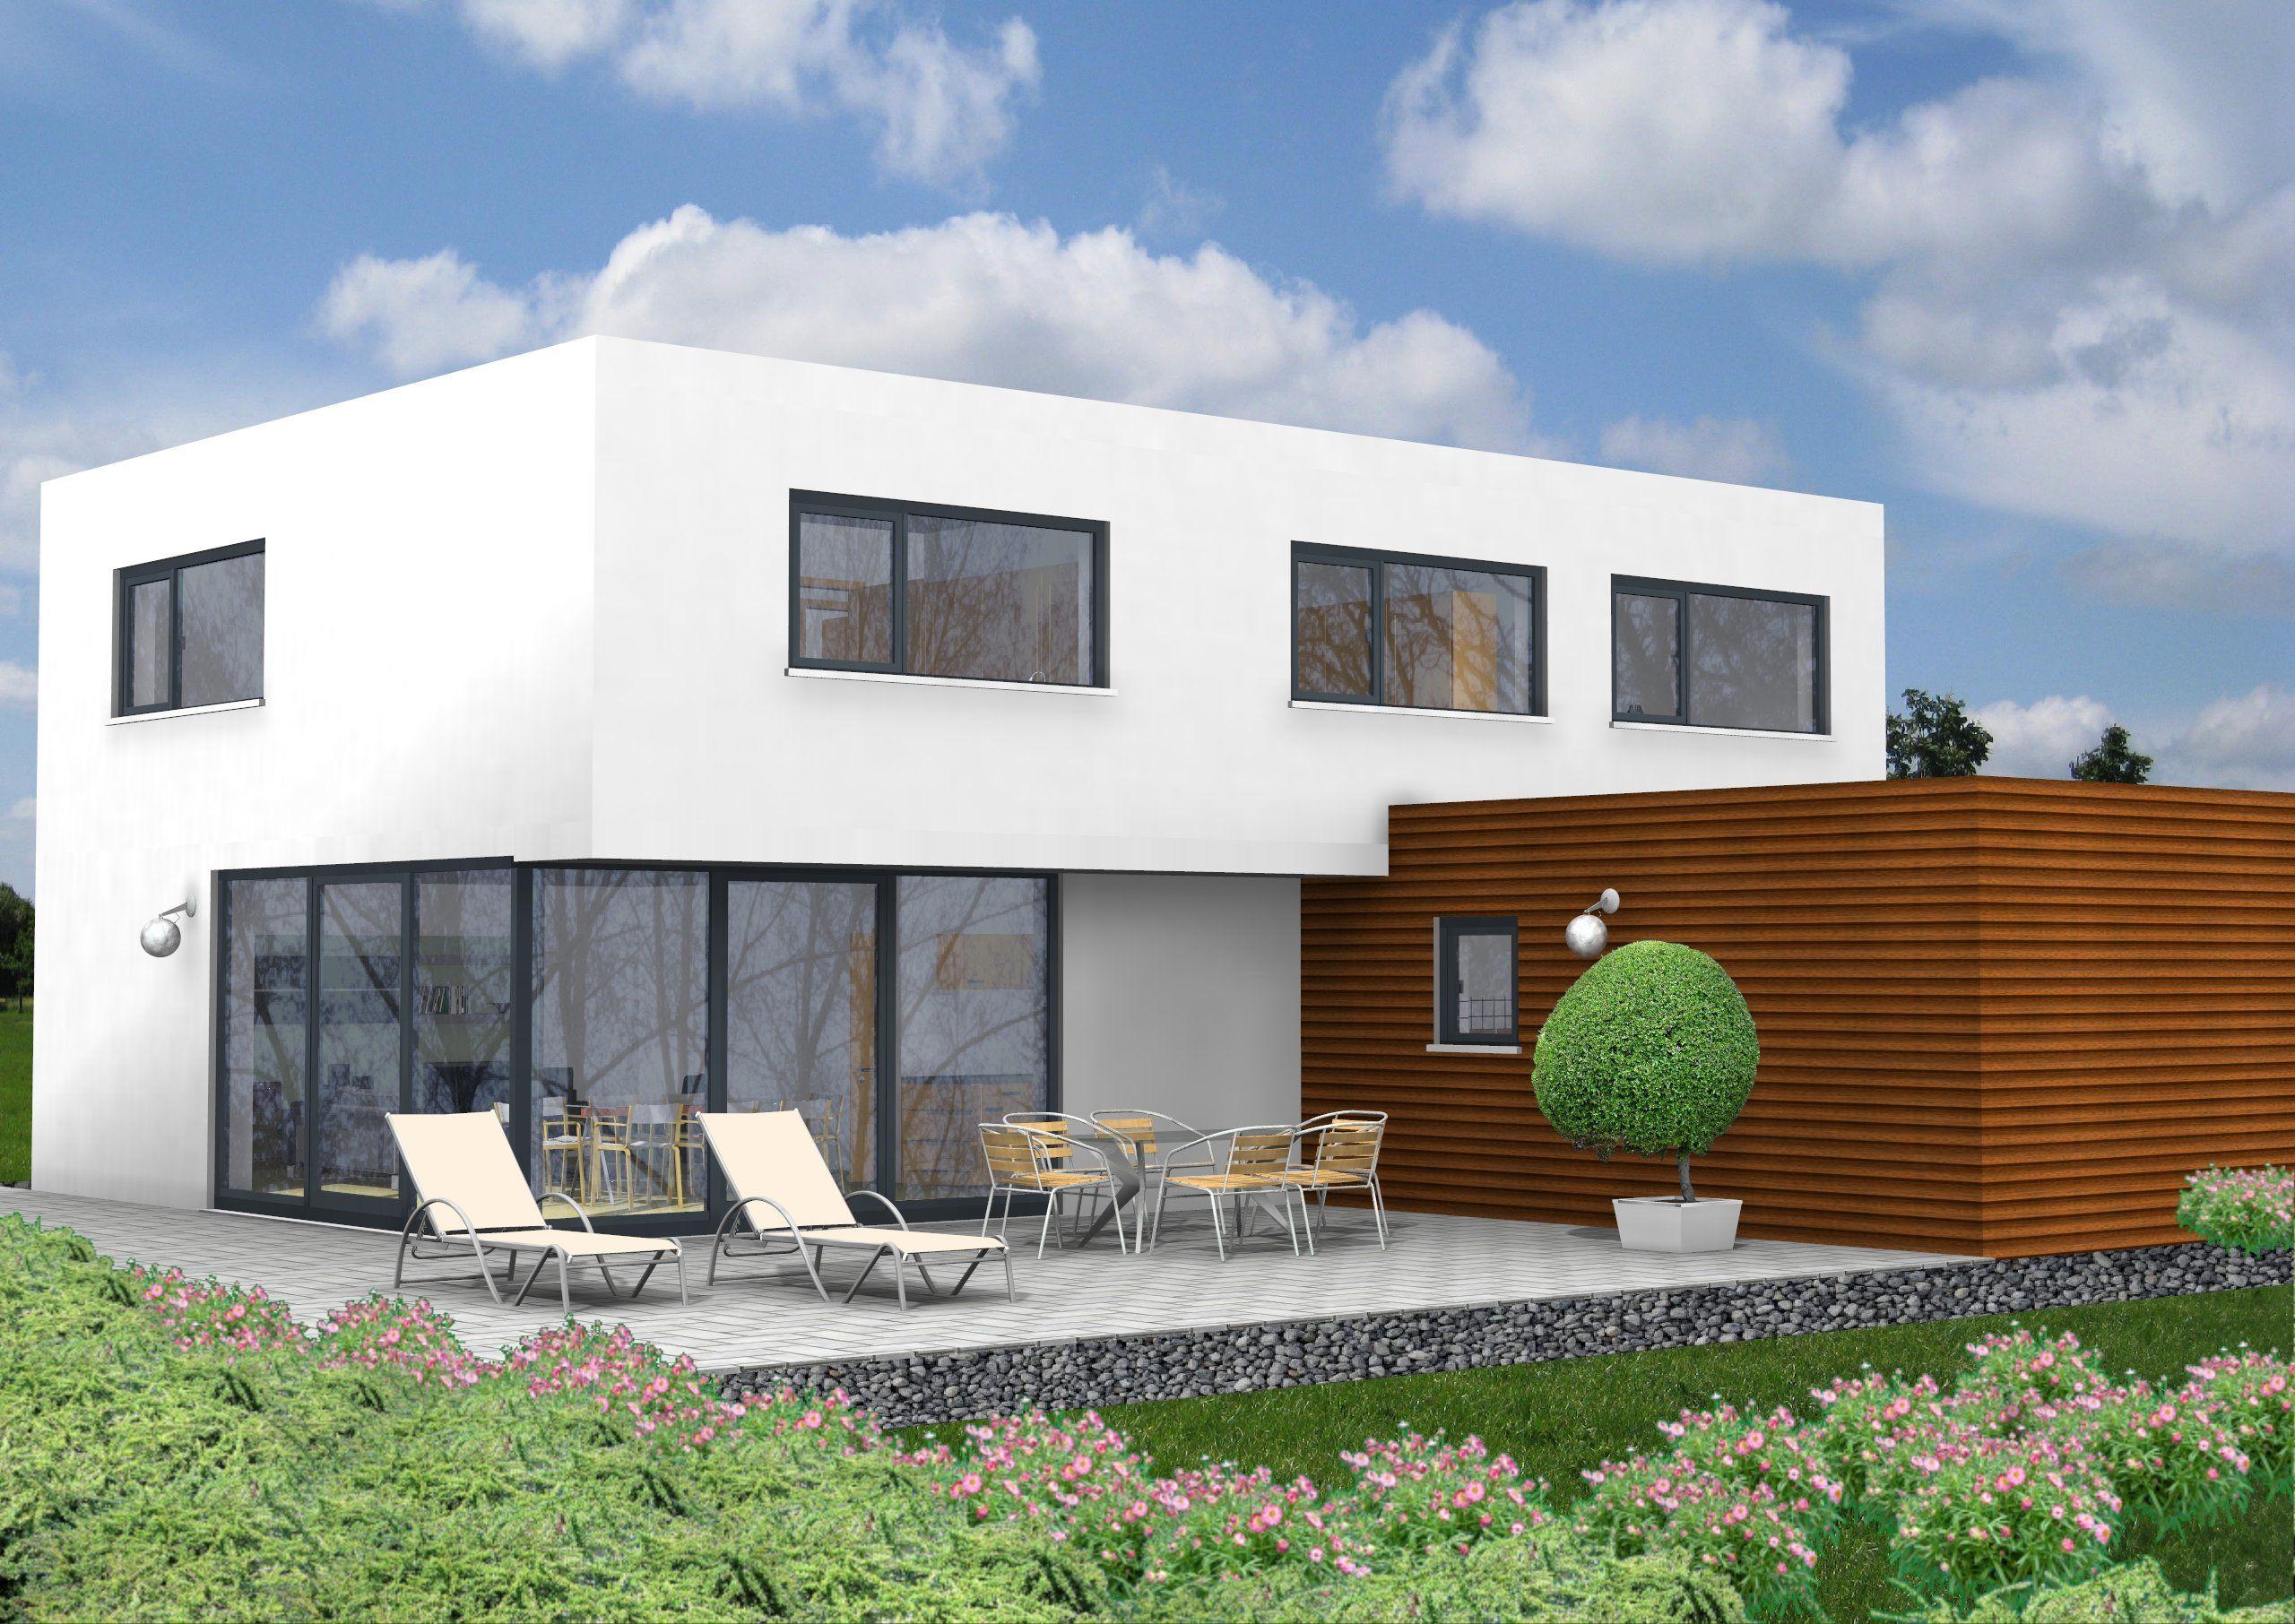 Unsere Haus-Idee mit ca. 208 m² Wohnfläche. Wohnen und Arbeiten ...